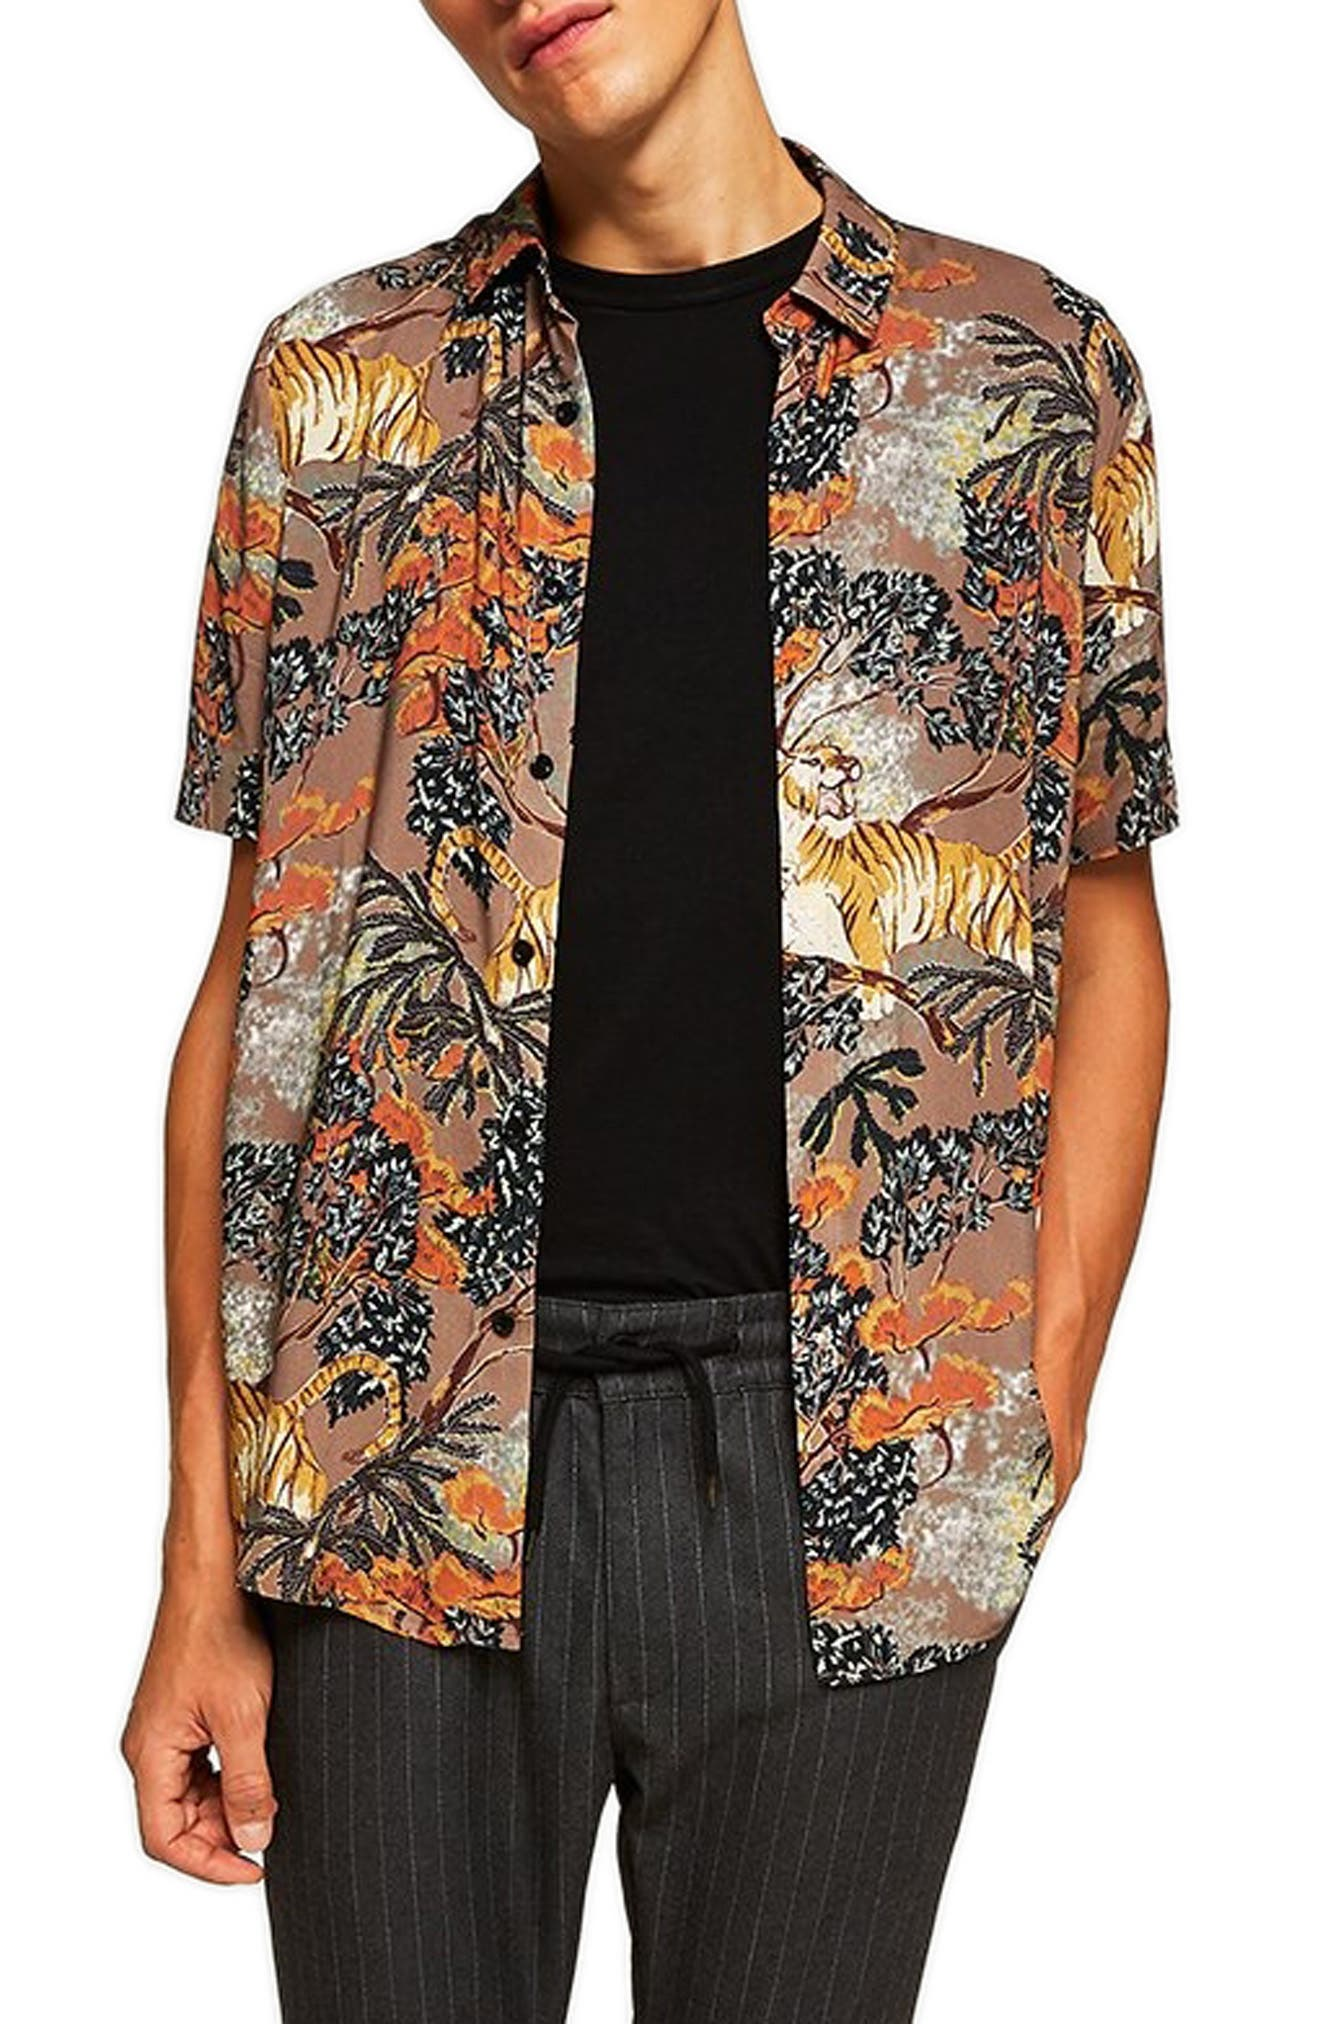 Suburb Tiger Print Shirt,                             Main thumbnail 1, color,                             ORANGE MULTI